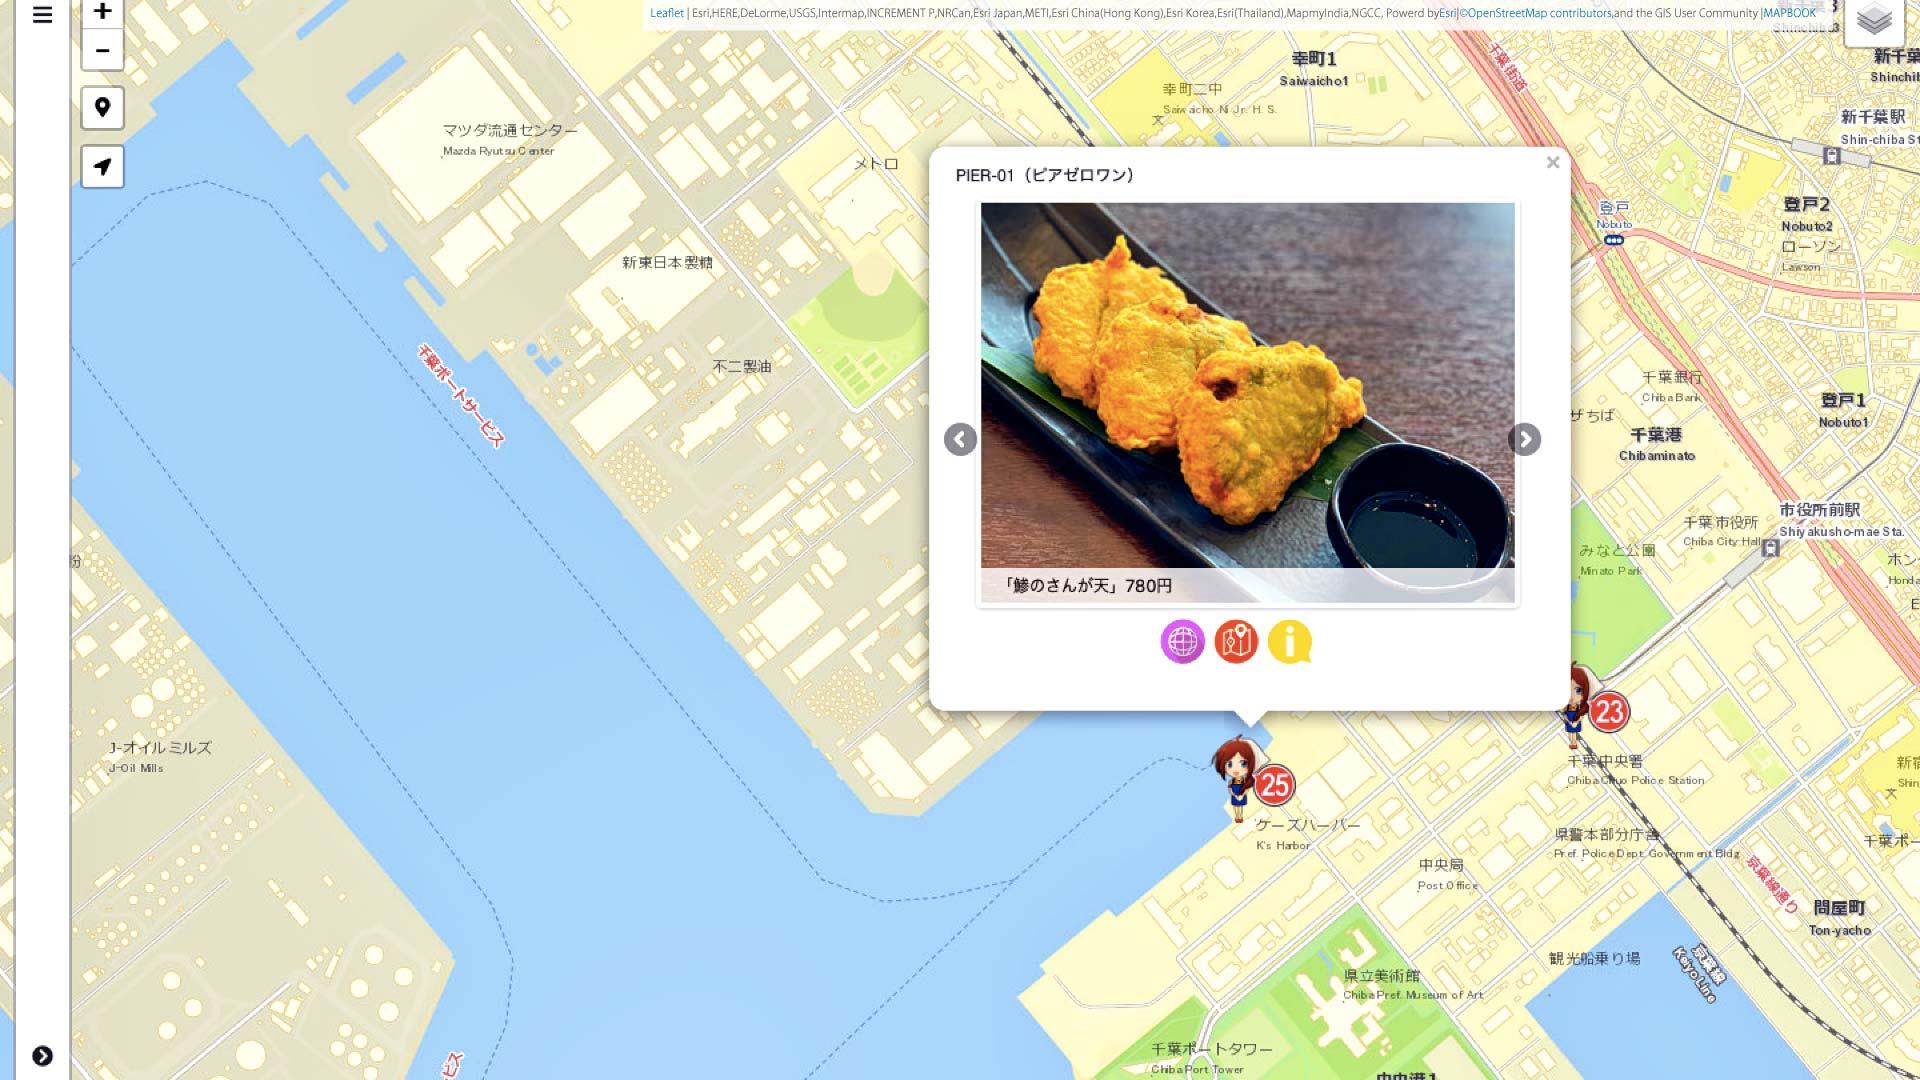 マップブック地図導入」地元飲食店舗オーナーみんなで作る「千葉さんが」ページがオープン!